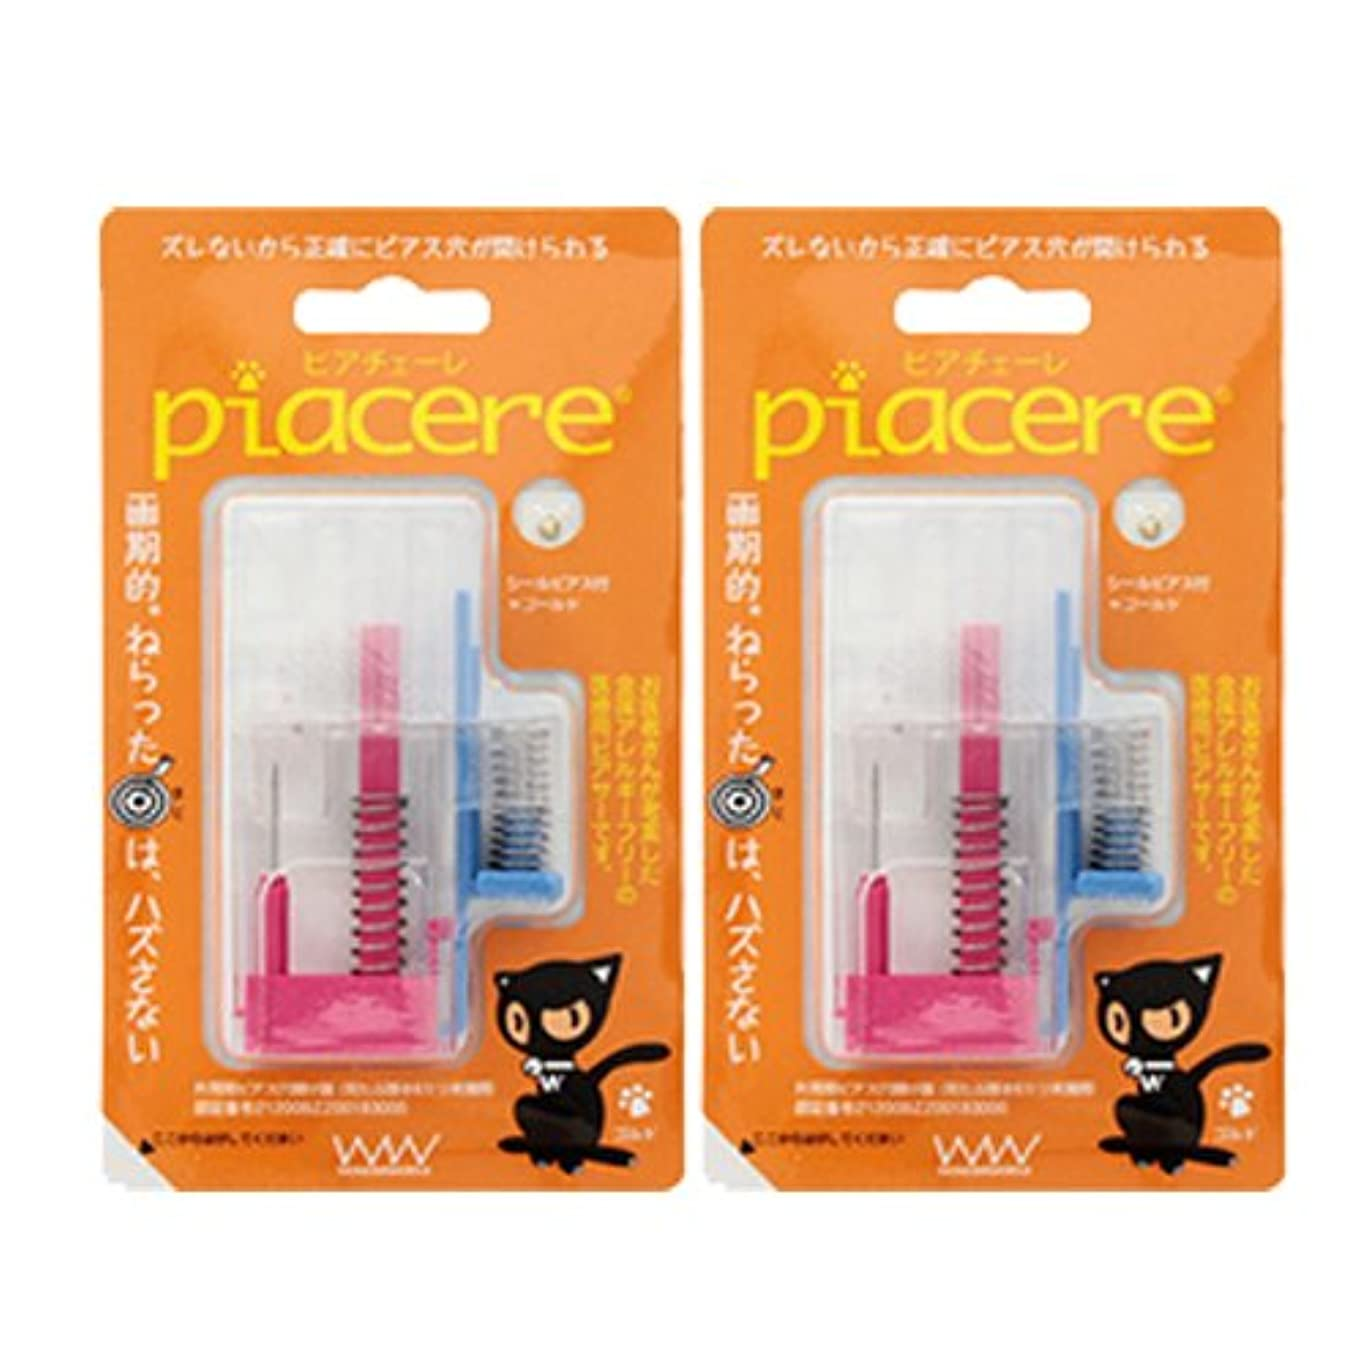 刺激するそれ知事ピアッサー ピアチェーレ 医療用樹脂製ピアサー piacere 2個セット (ゴールドxゴールド) | 両耳用